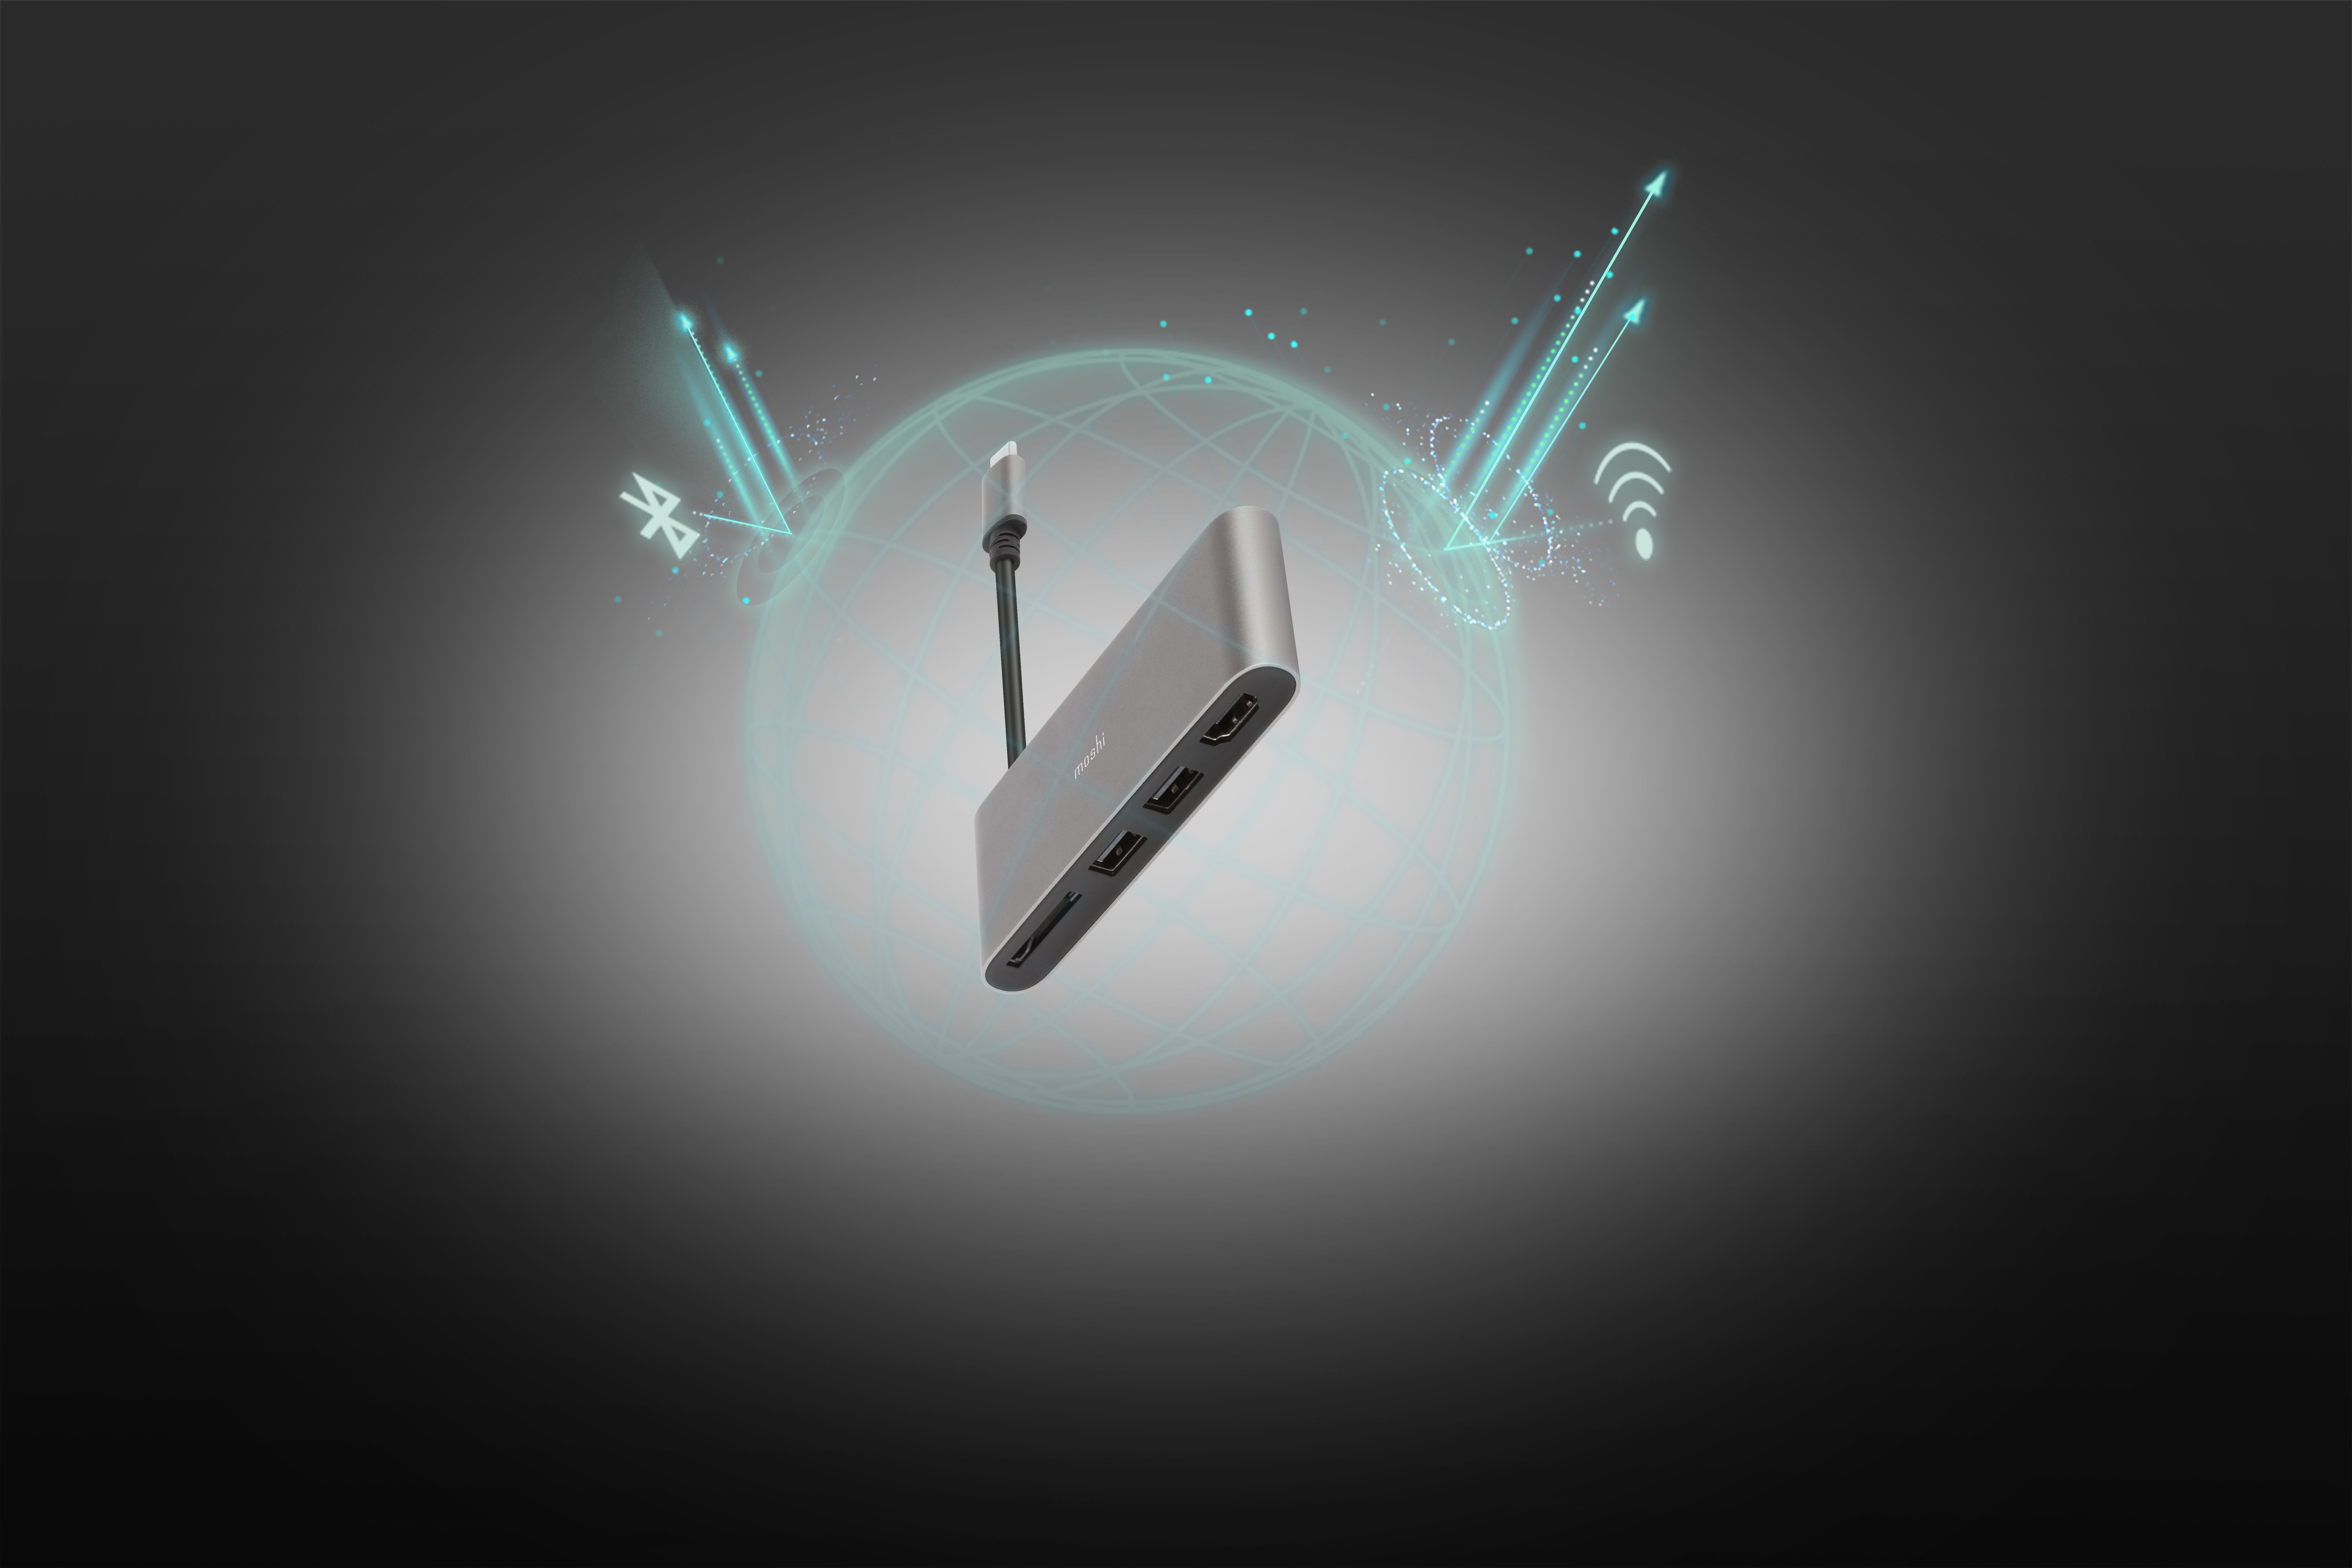 Das Adaptergehäuse aus Flugzeugaluminium minimiert nicht nur EM-Störungen, sondern vervollständigt auch Ihr Gerät.